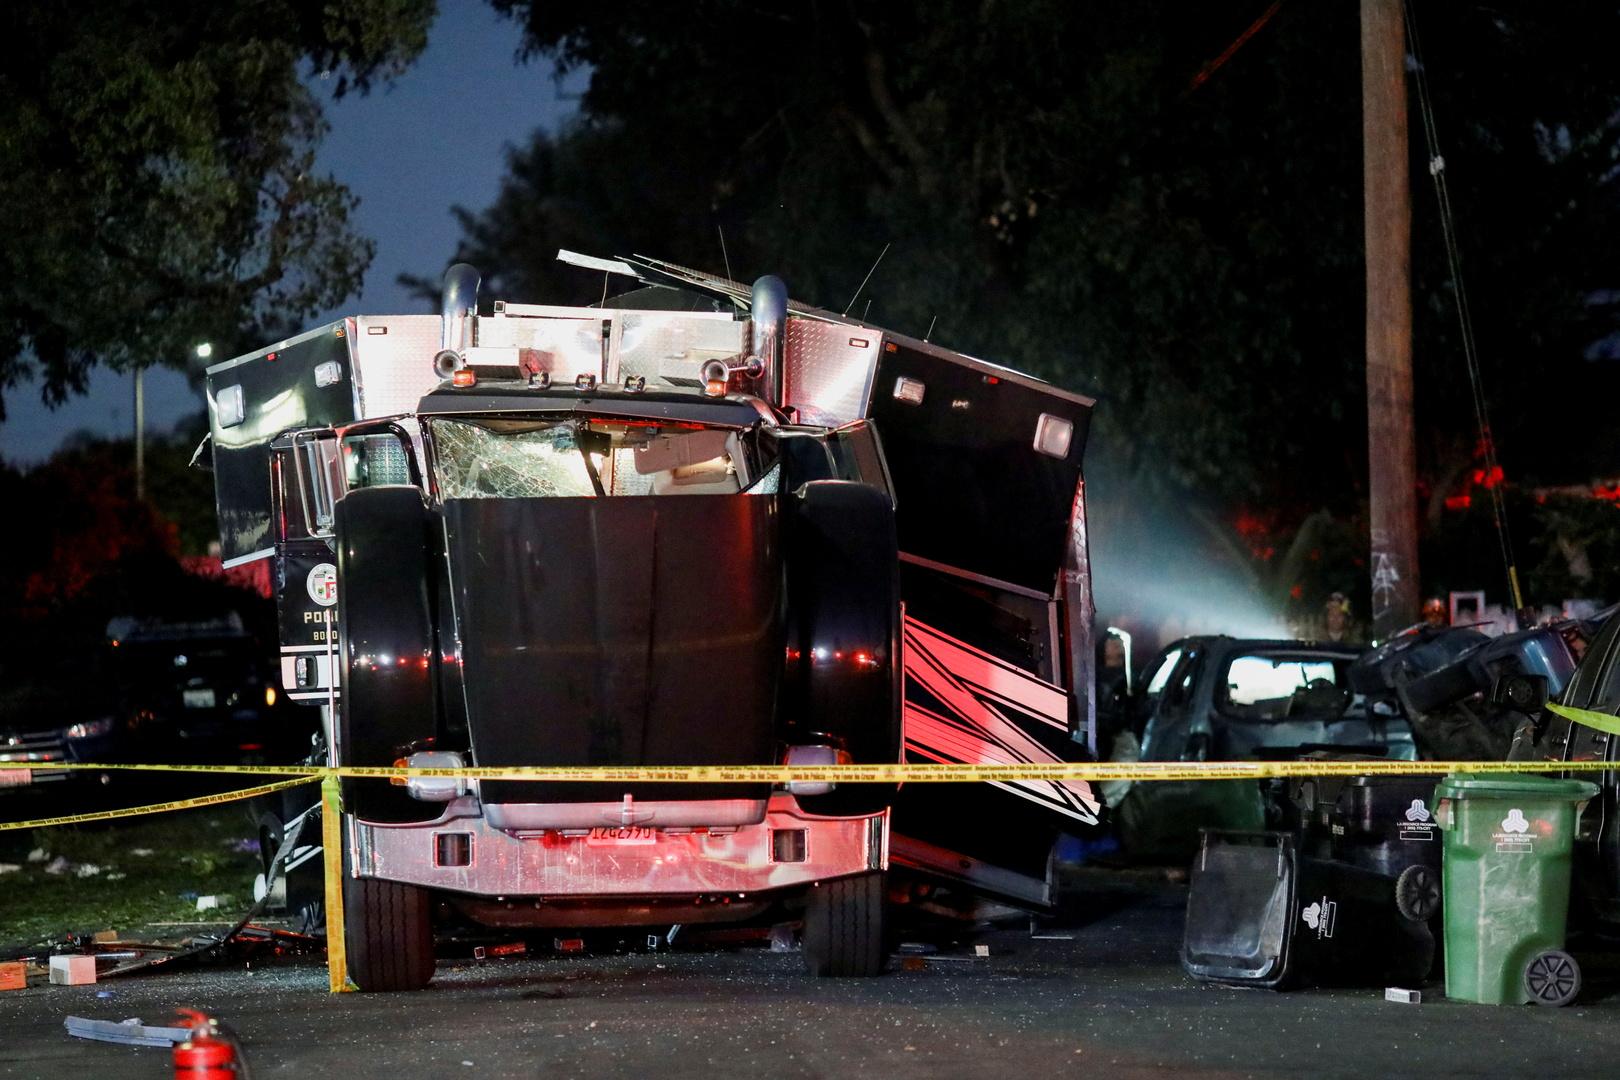 بالفيديو.. 16 إصابة بانفجار مستودع ألعاب نارية في لوس أنجلوس